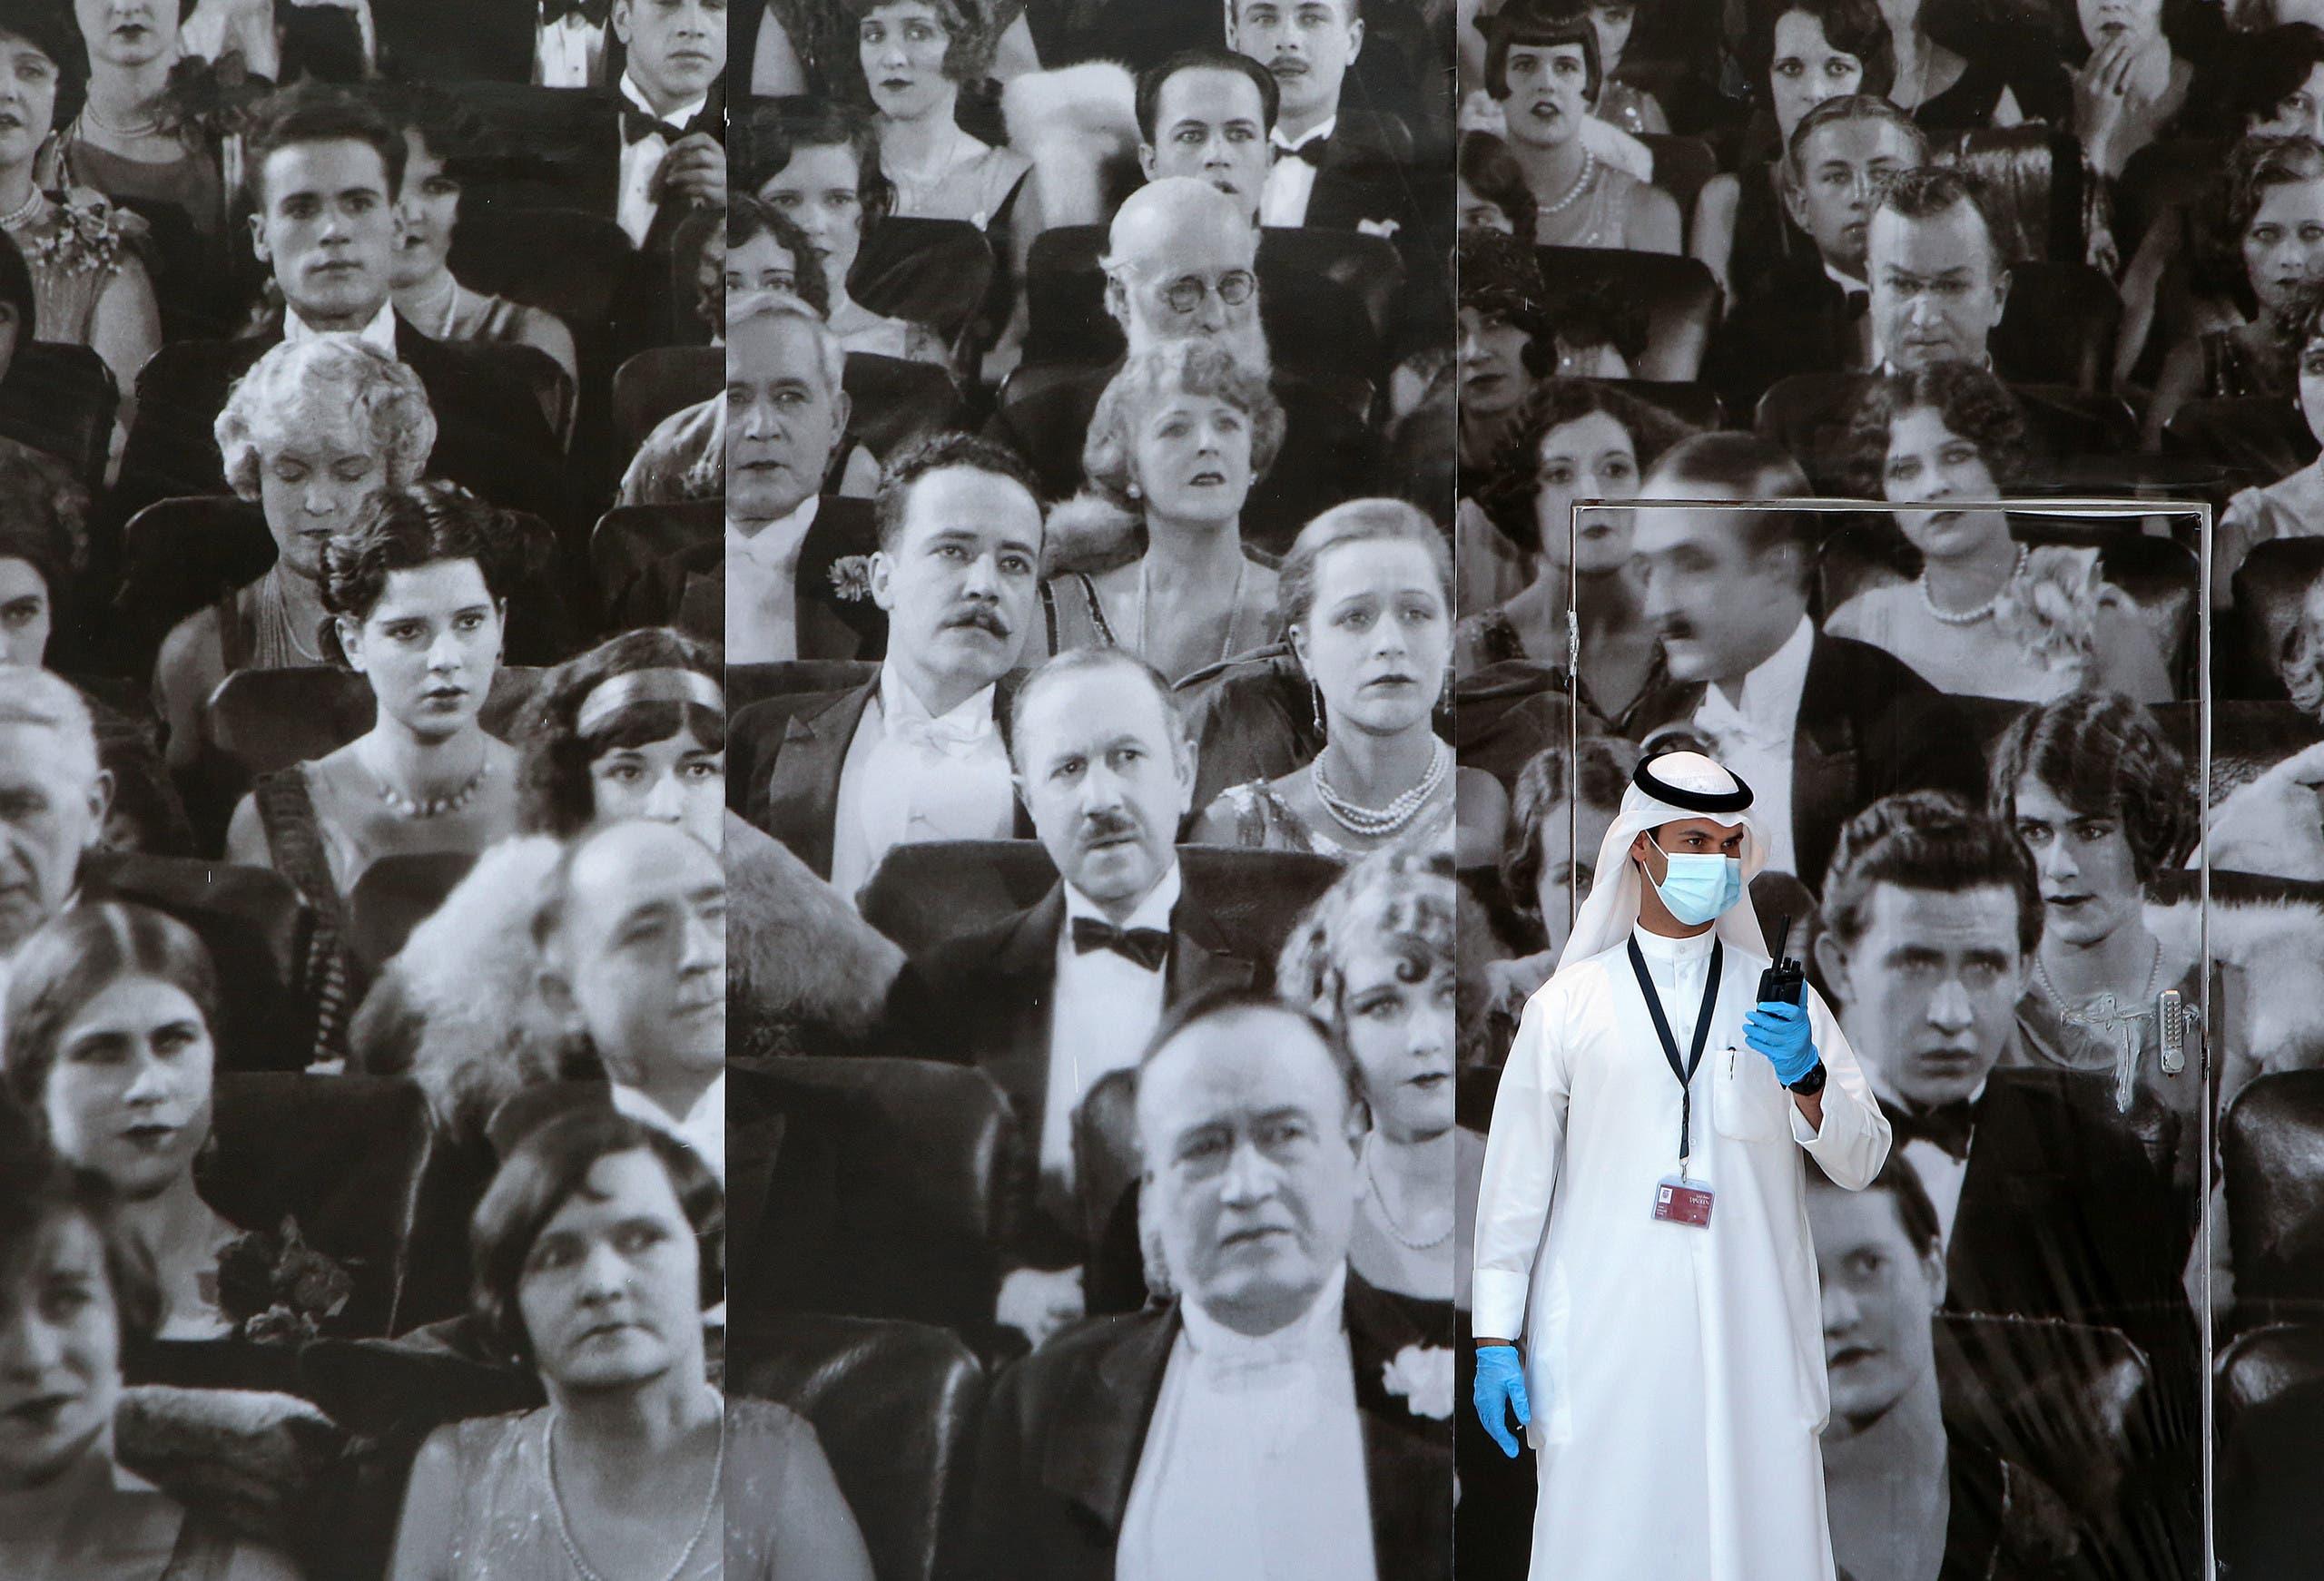 قفازات وكمامات ومعقمات على مدخل متجر في الكويت